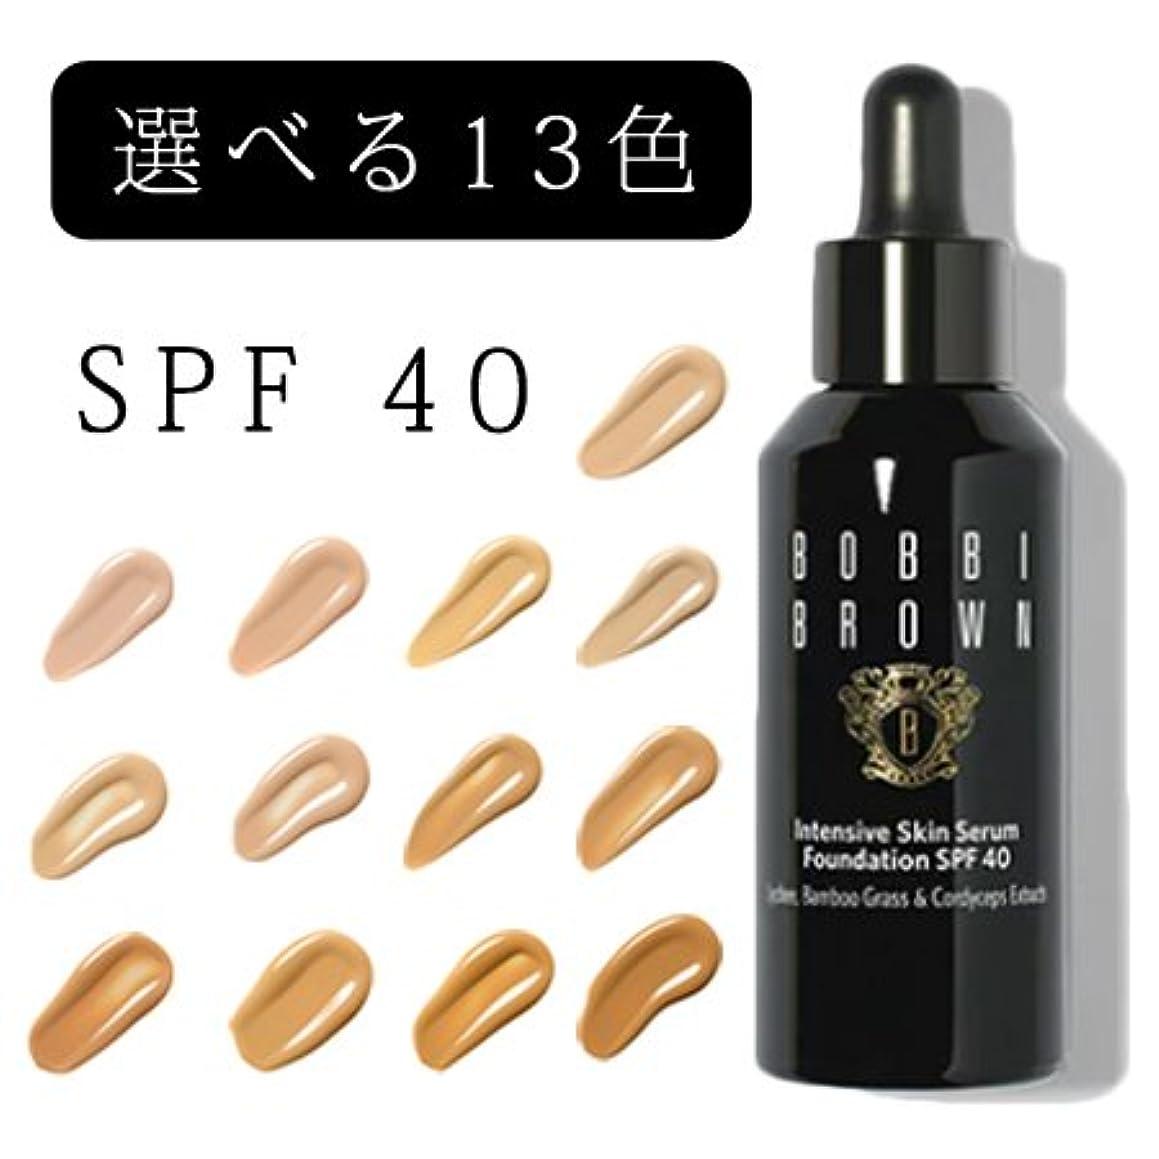 美しいくしゃくしゃ収束ボビイブラウン インテンシブ スキン セラム ファンデーション SPF 40 (PA++++) 13色展開 -BOBBI BROWN- ポーセリン